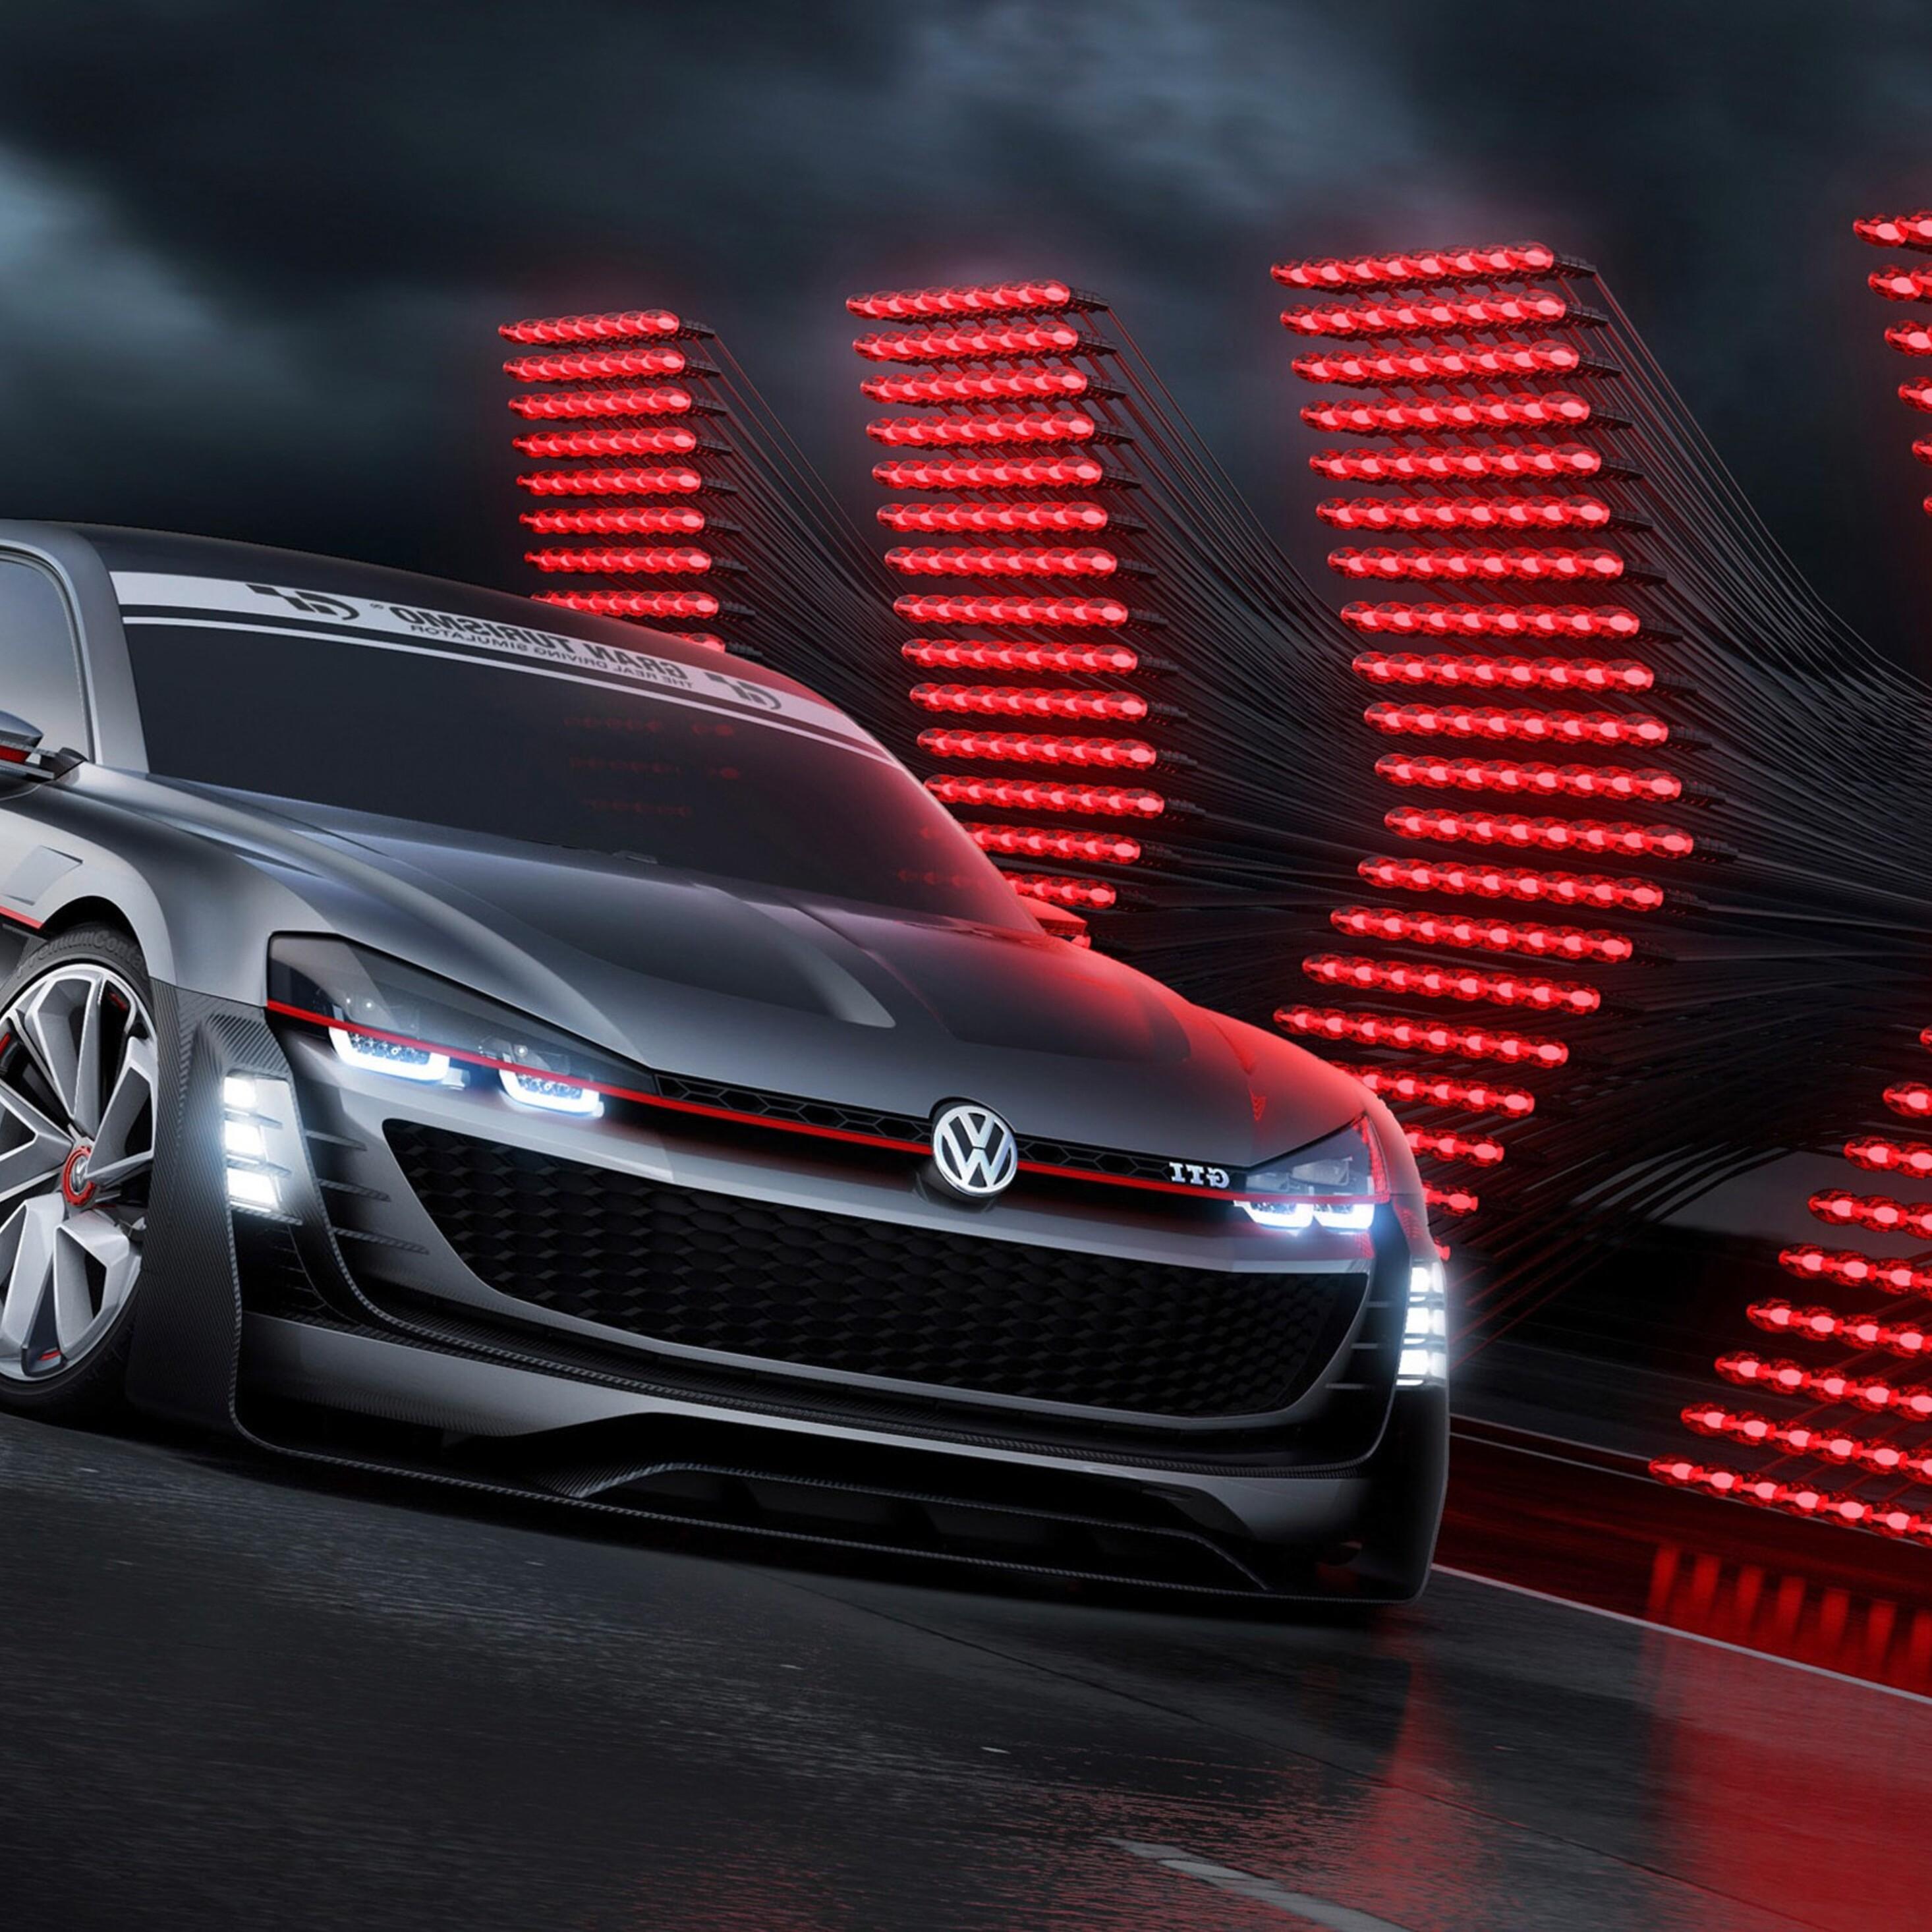 2932x2932 Volkswagen Gti Supersport Ipad Pro Retina Display